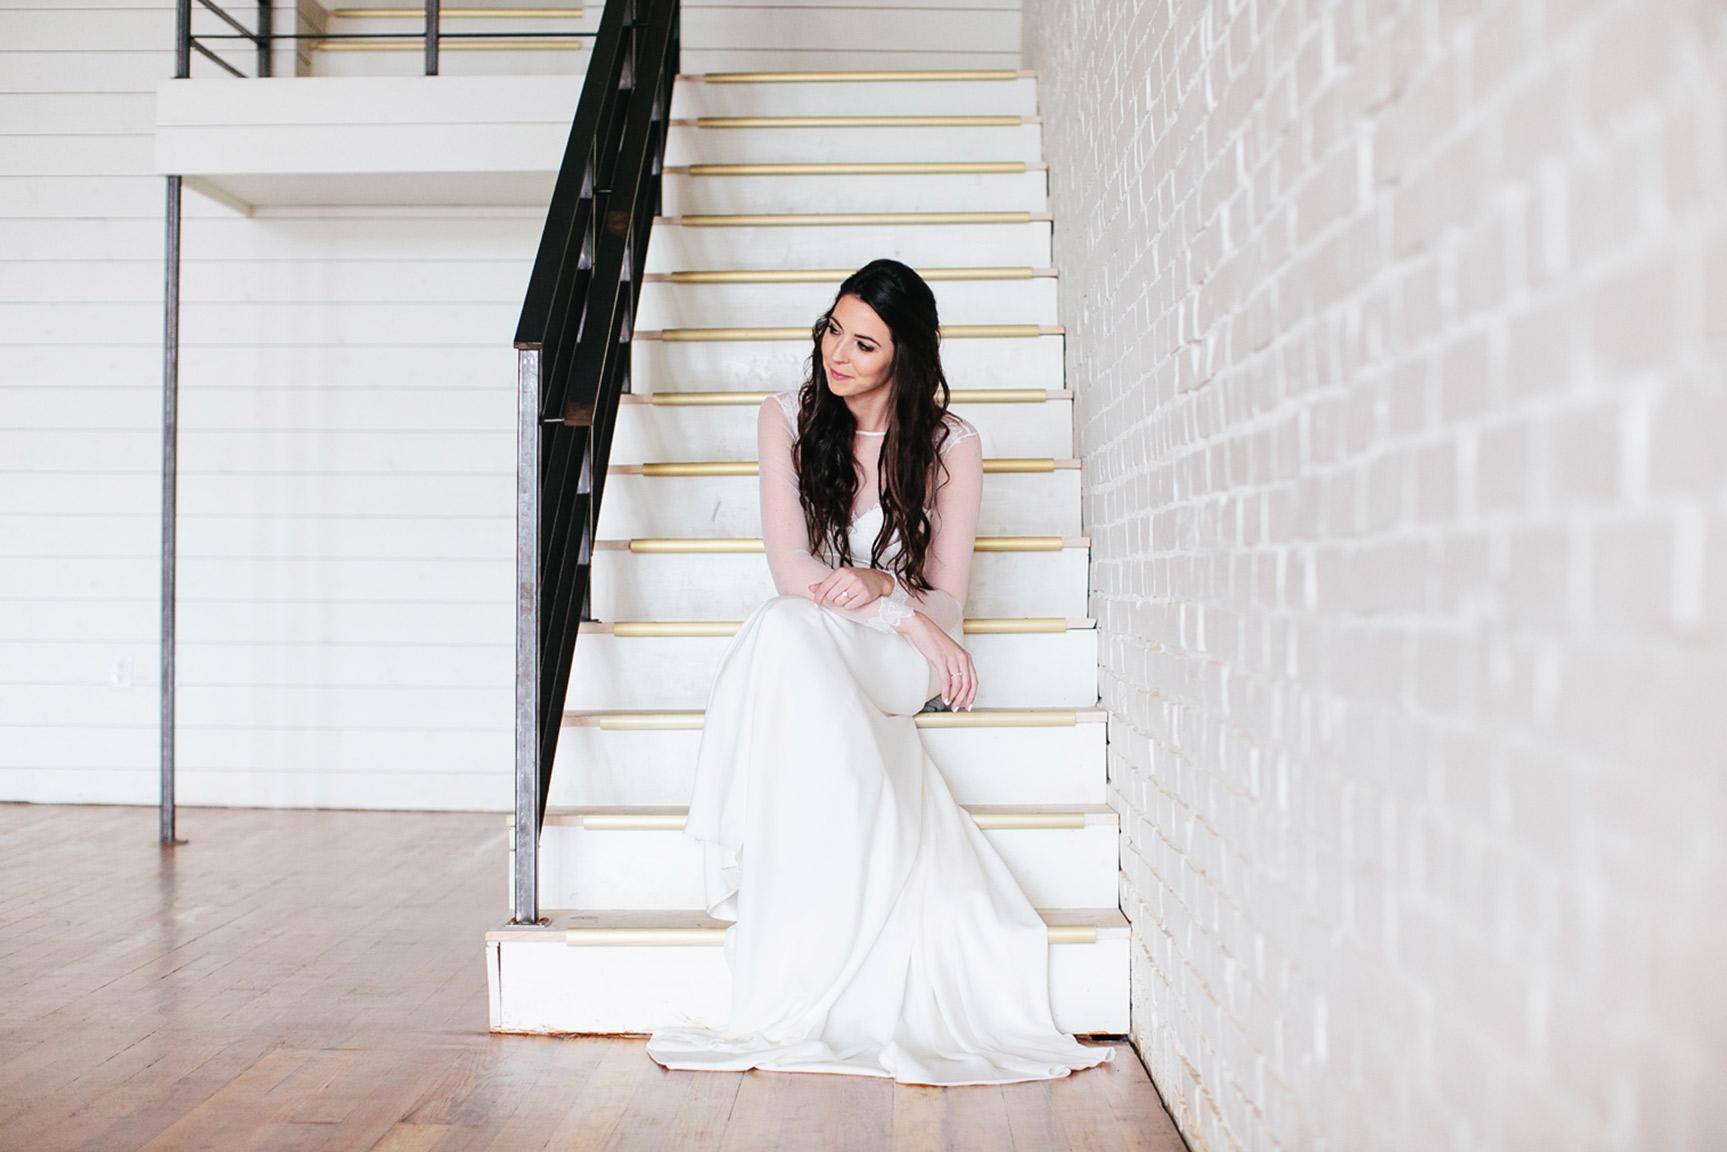 austin_WeddingPhotographer_005.jpg